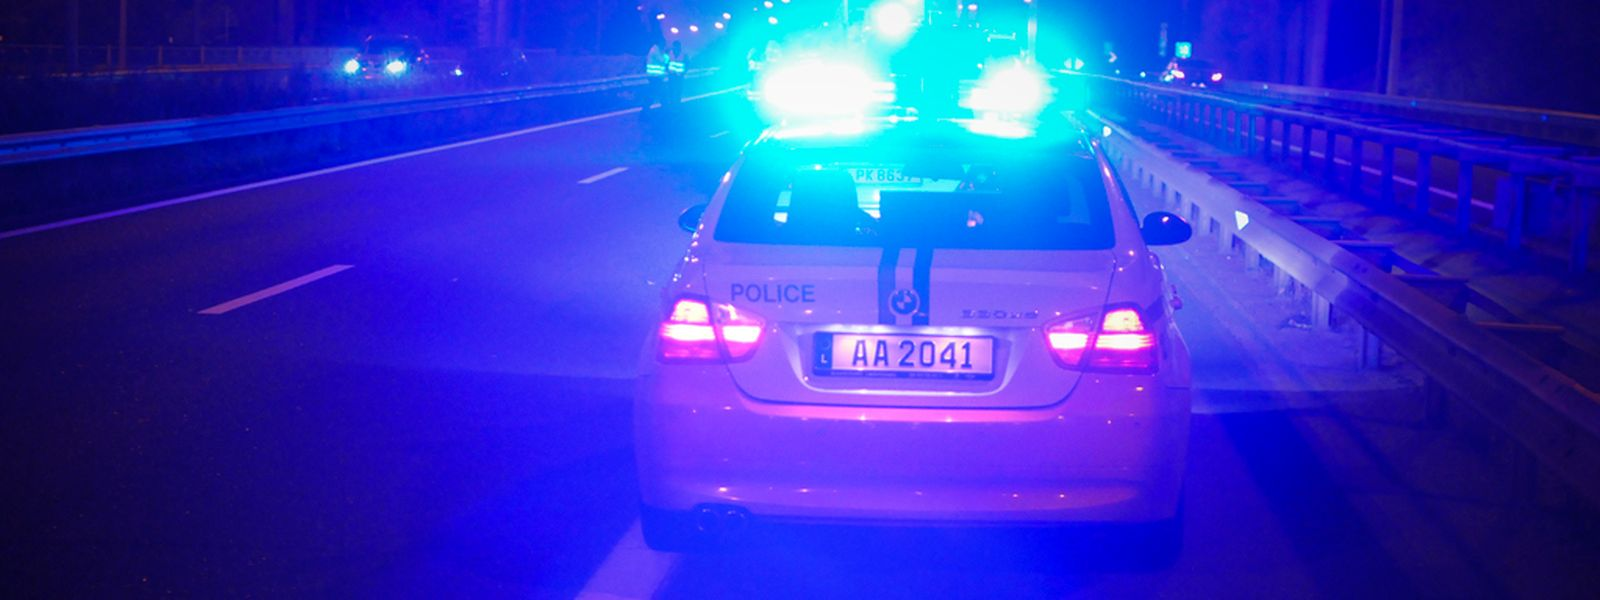 Die Polizei hatte in der Nacht wieder alle Hände voll zu tun.